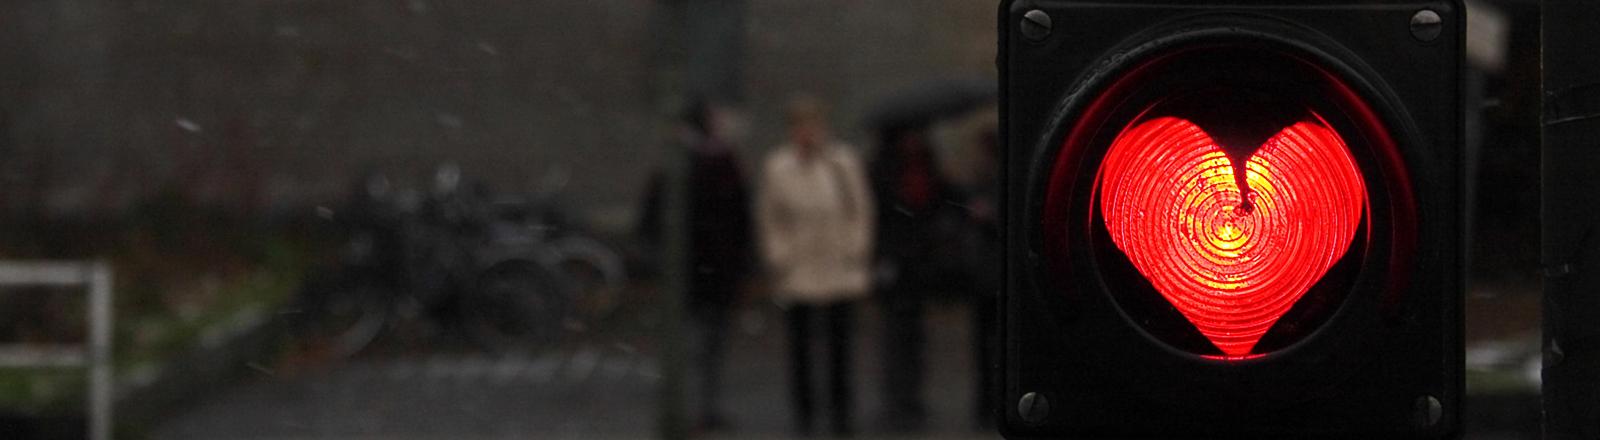 Die Anzeige einer Ampel zeigt ein rot leuchtendes Herz, im Hintergrund warten Fußgänger an einem Übergang.